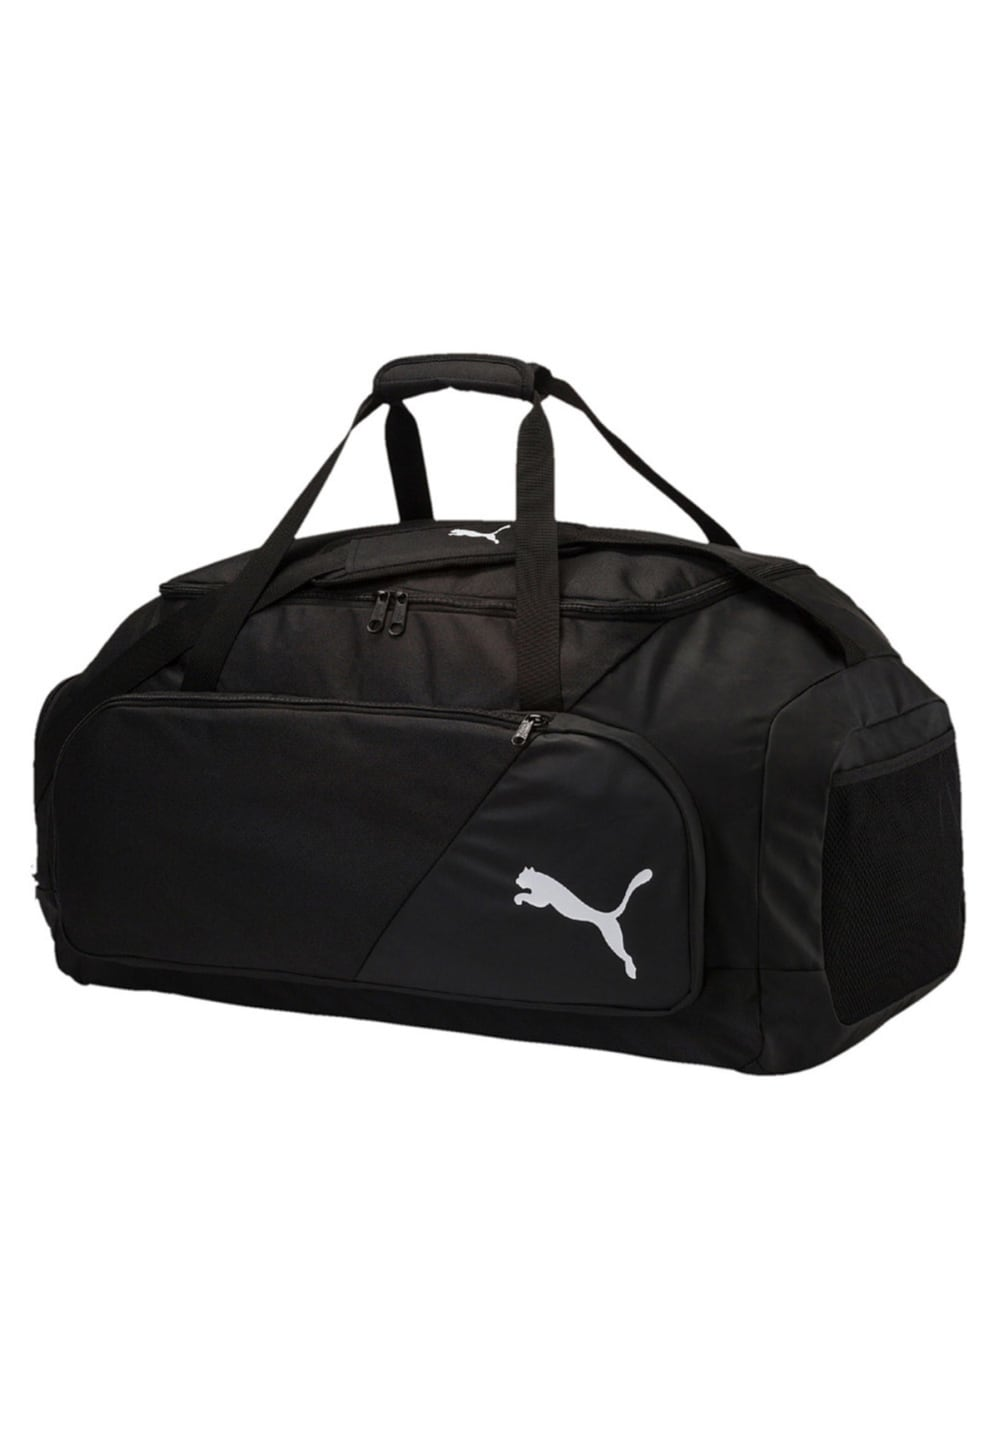 Puma LIGA Large Bag Sporttaschen - Schwarz, Gr. One Size